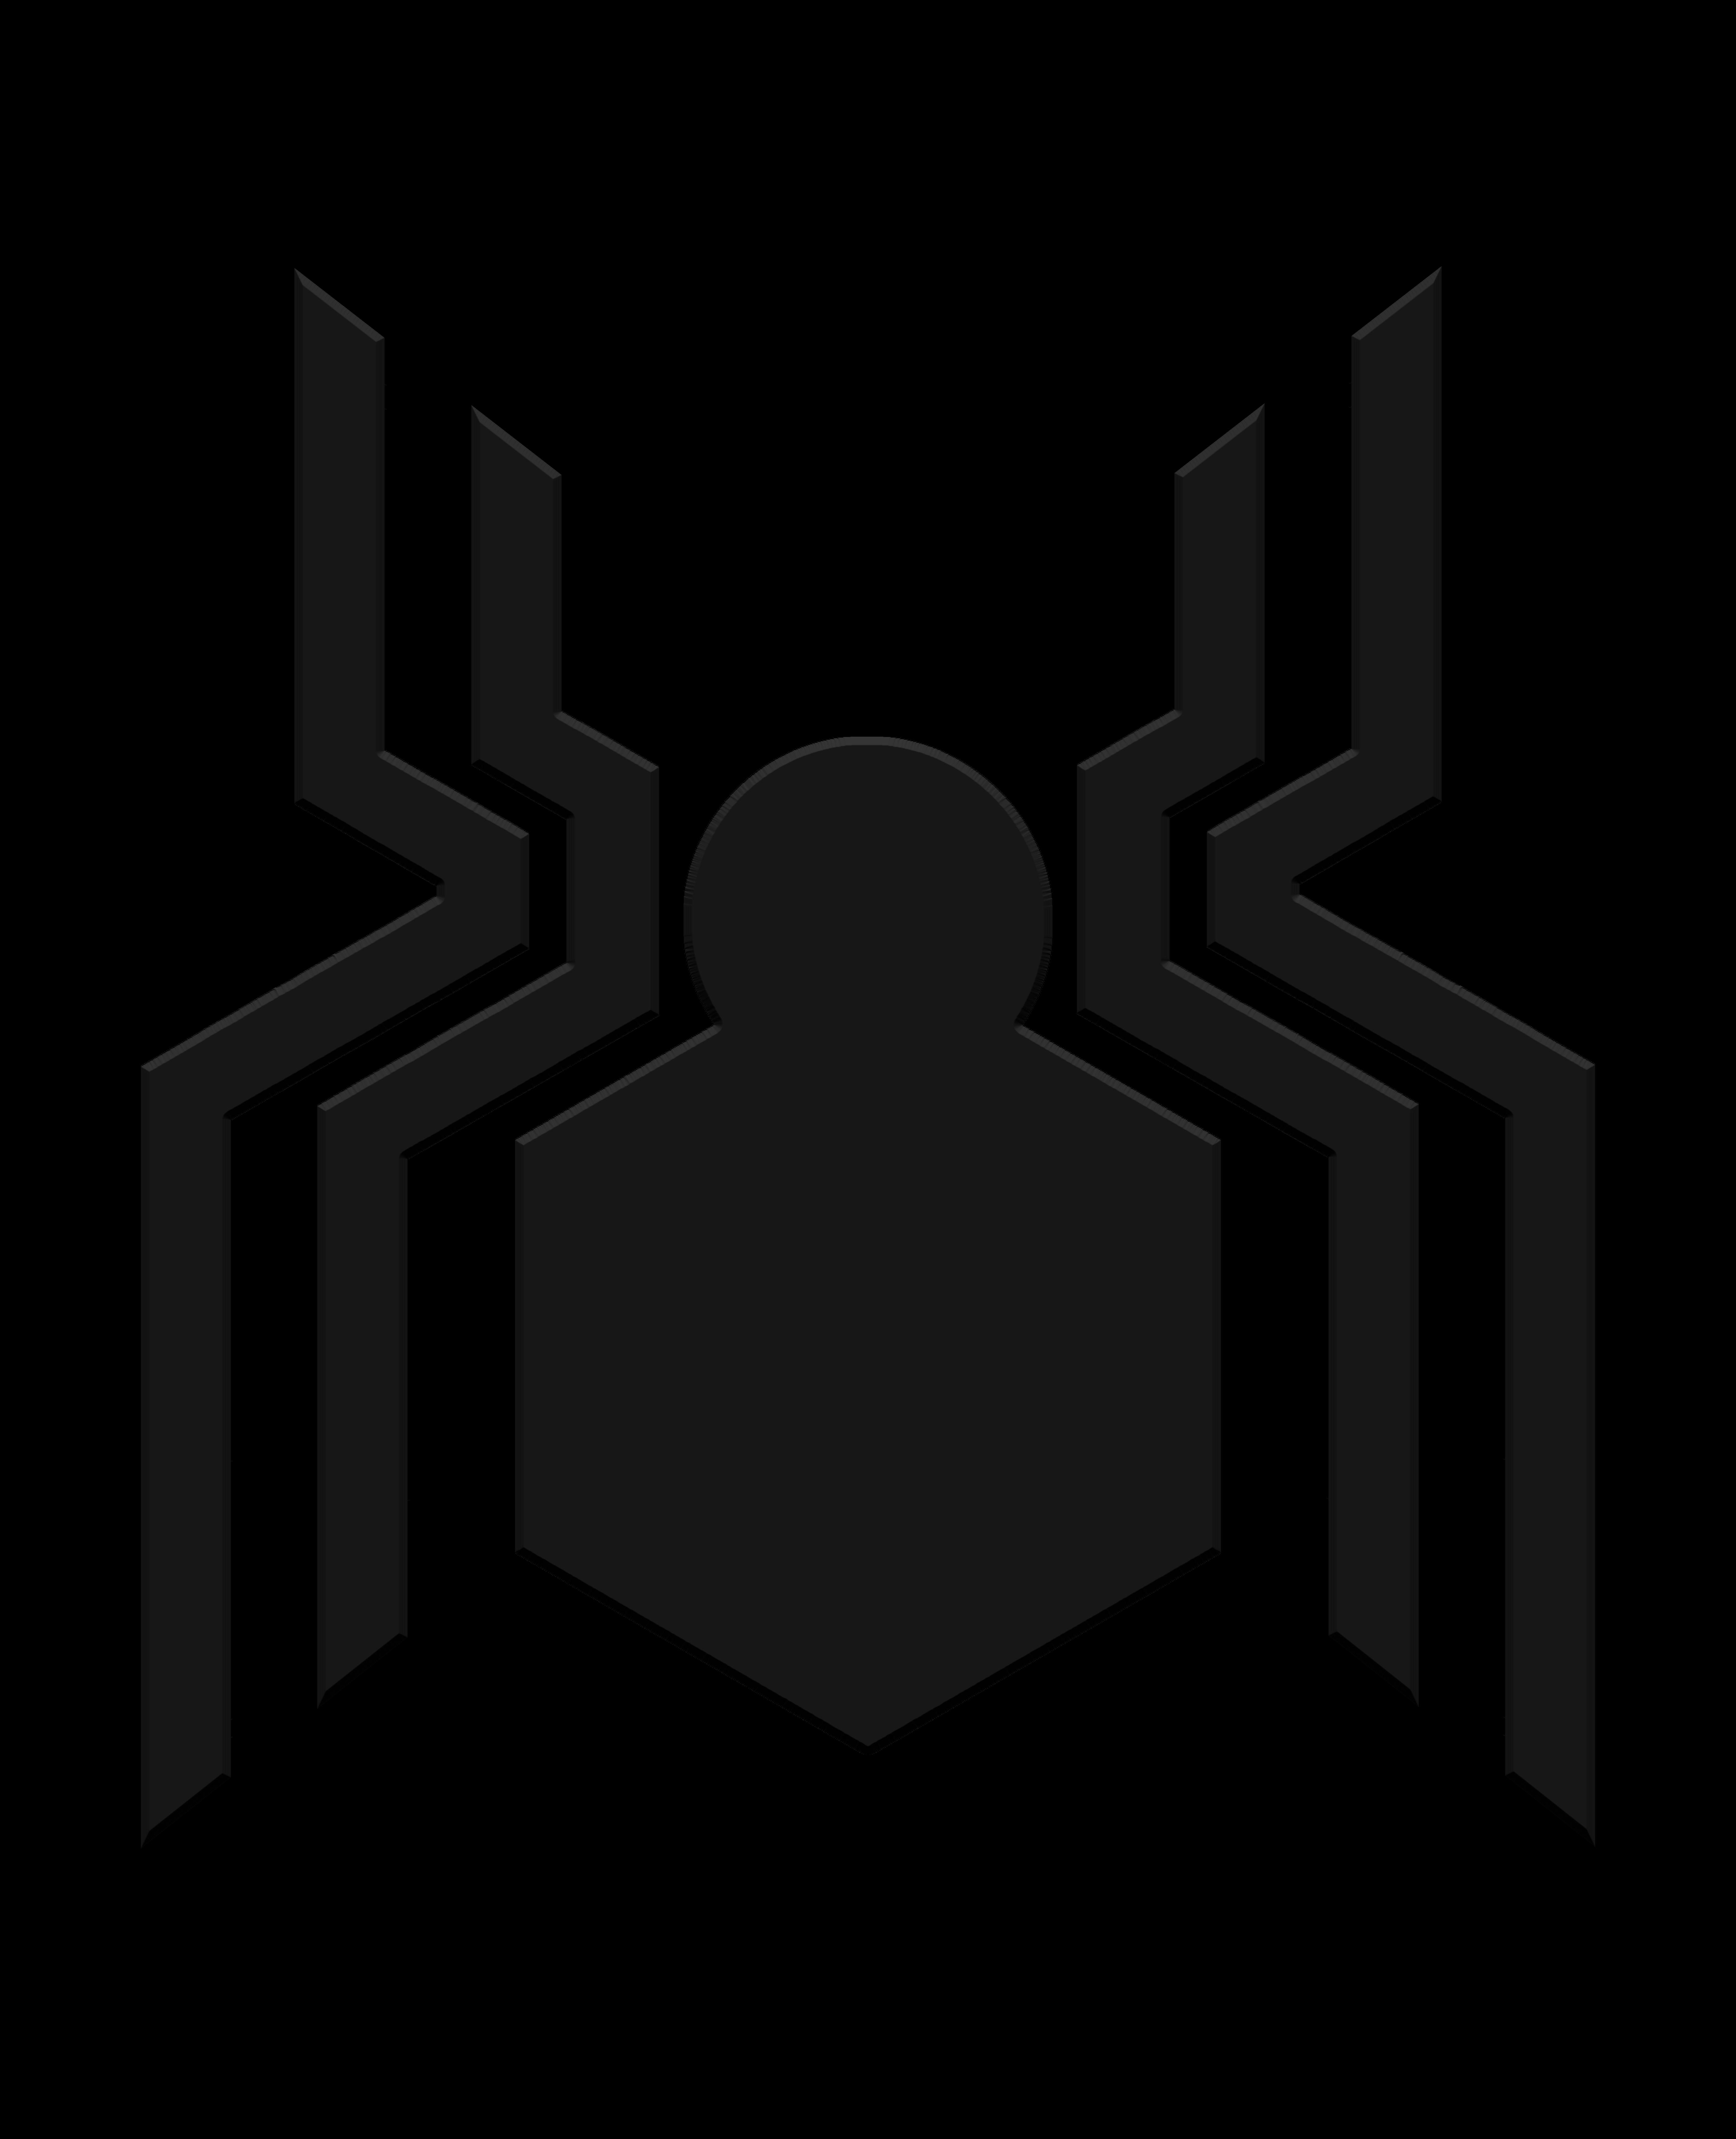 Spiderman Logo Png Transparent Spiderman Logopng Images